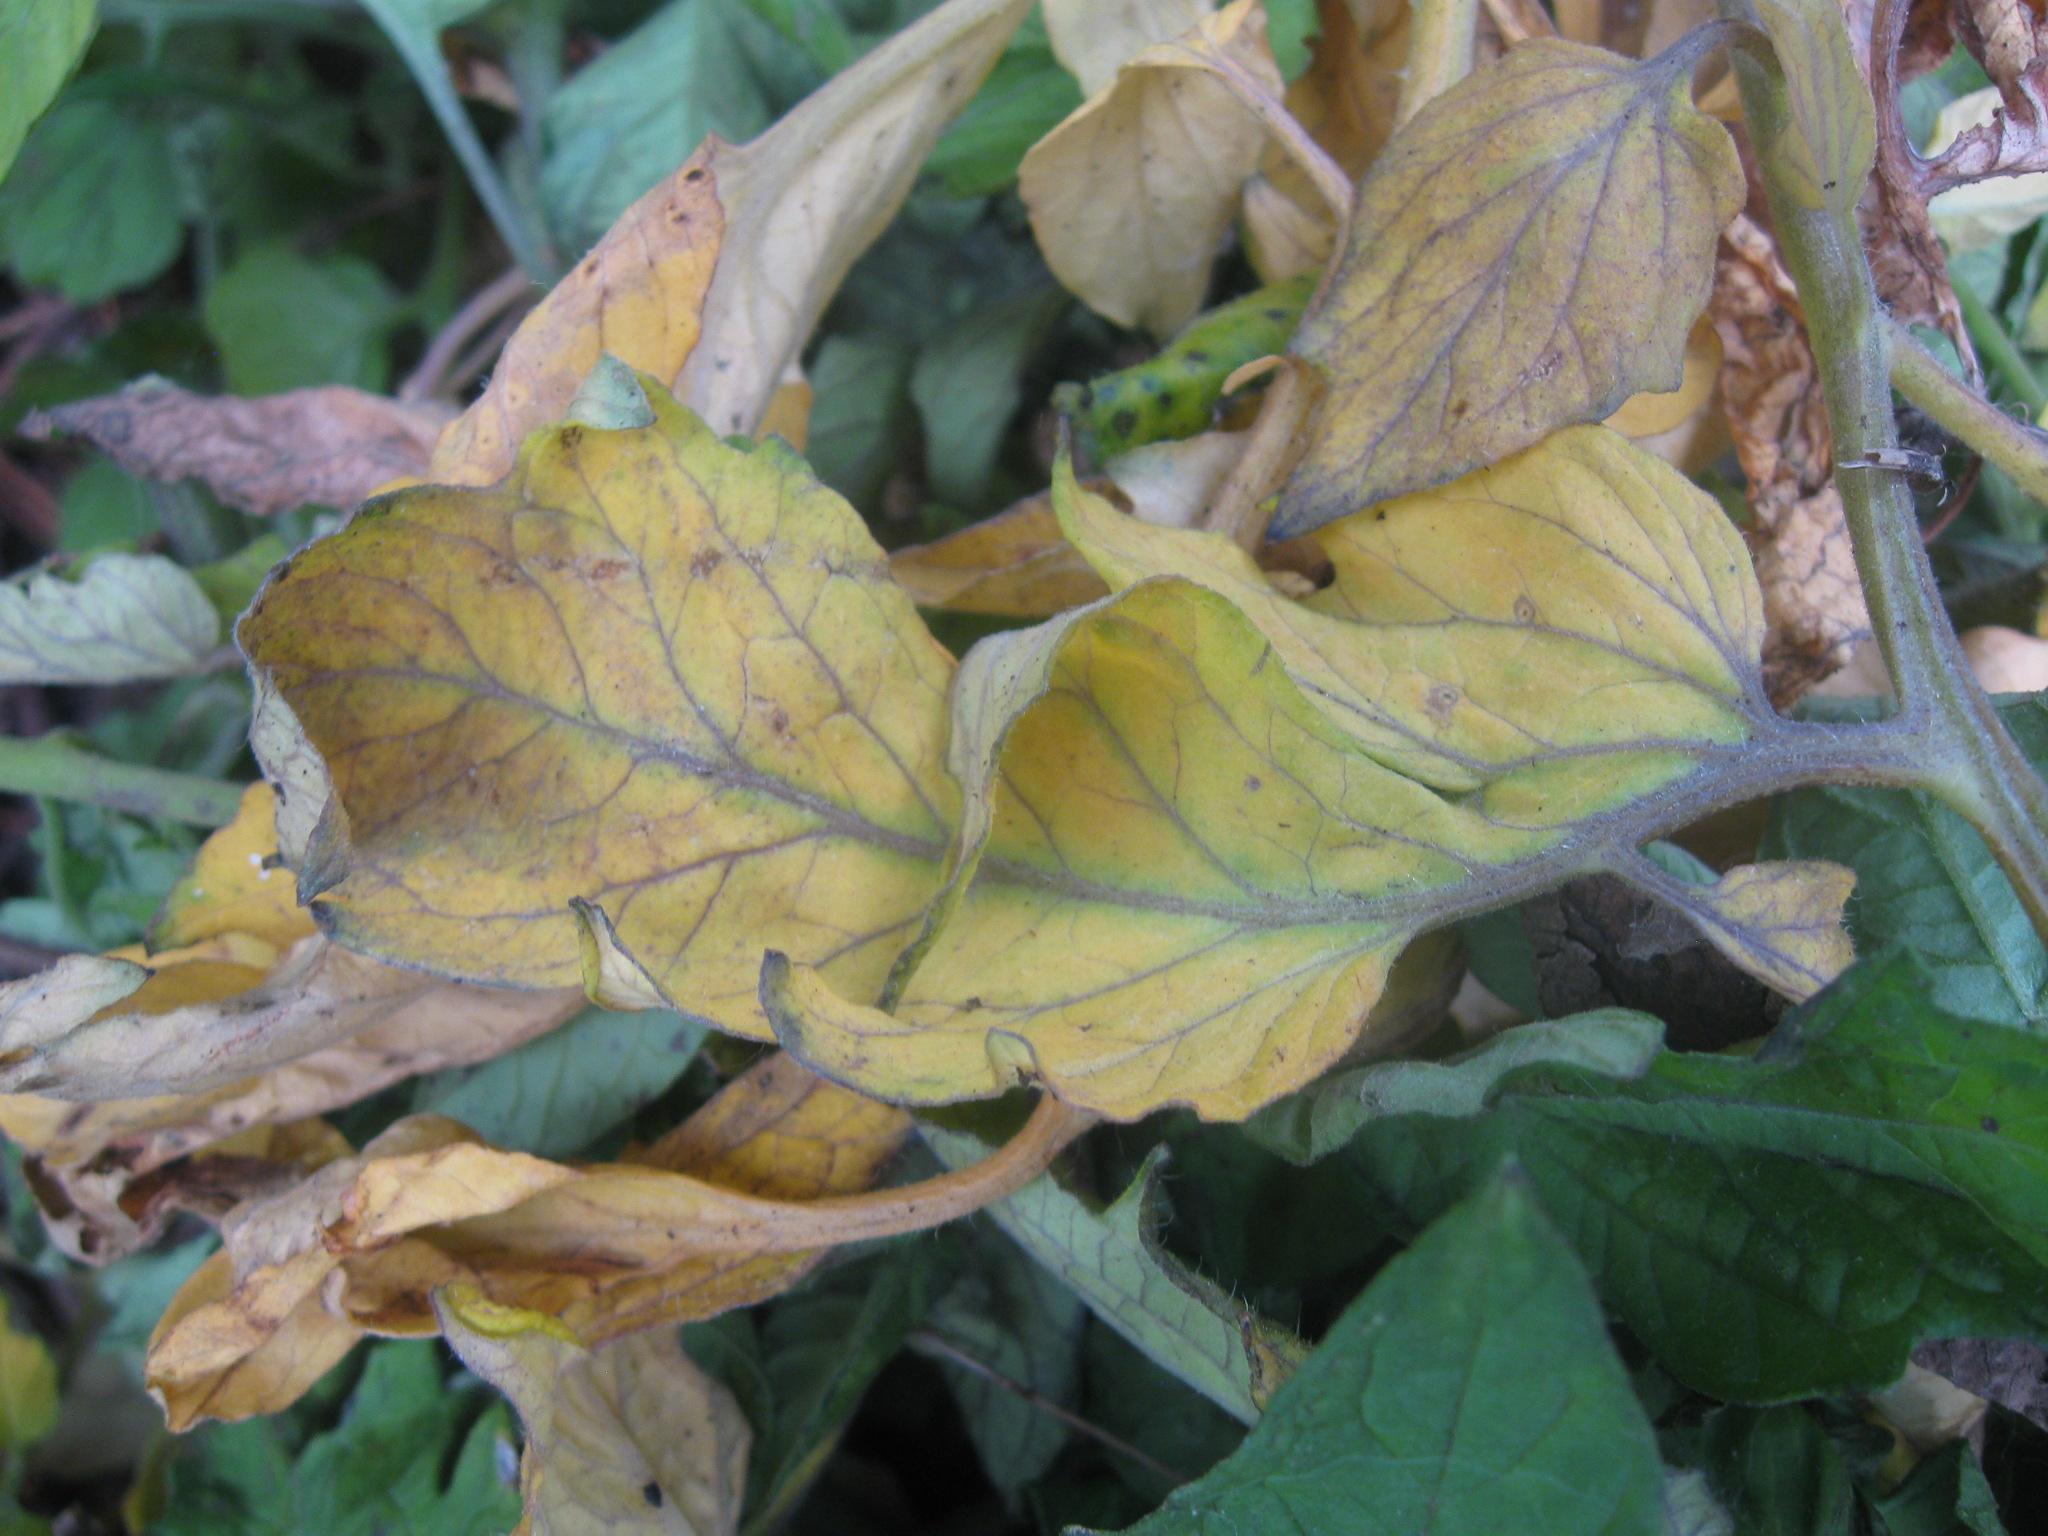 Хлороз (пожелтение листьев): причины, диагностика, лечение | good-tips.pro